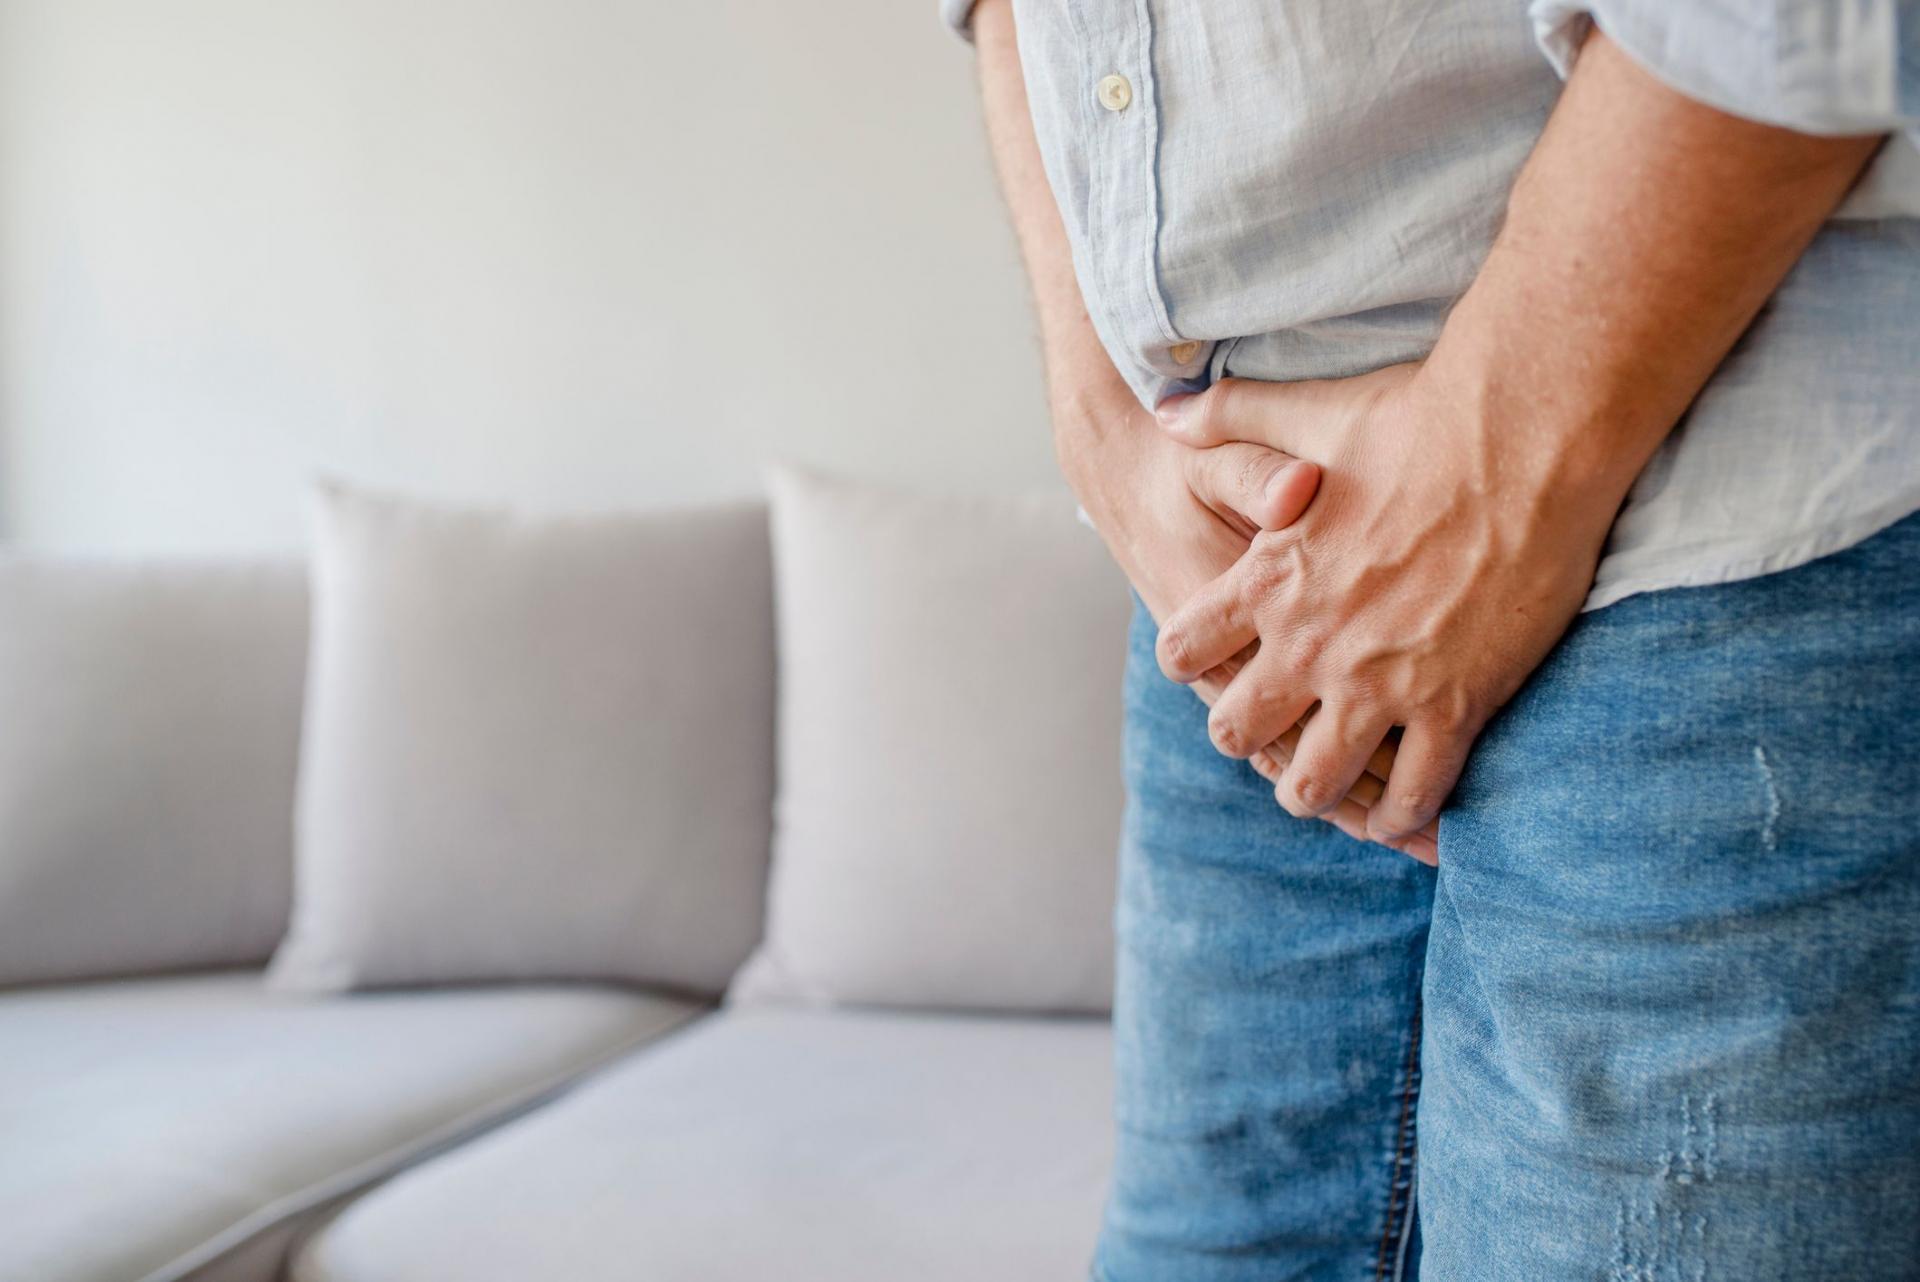 Atrophie testiculaire traitement naturel